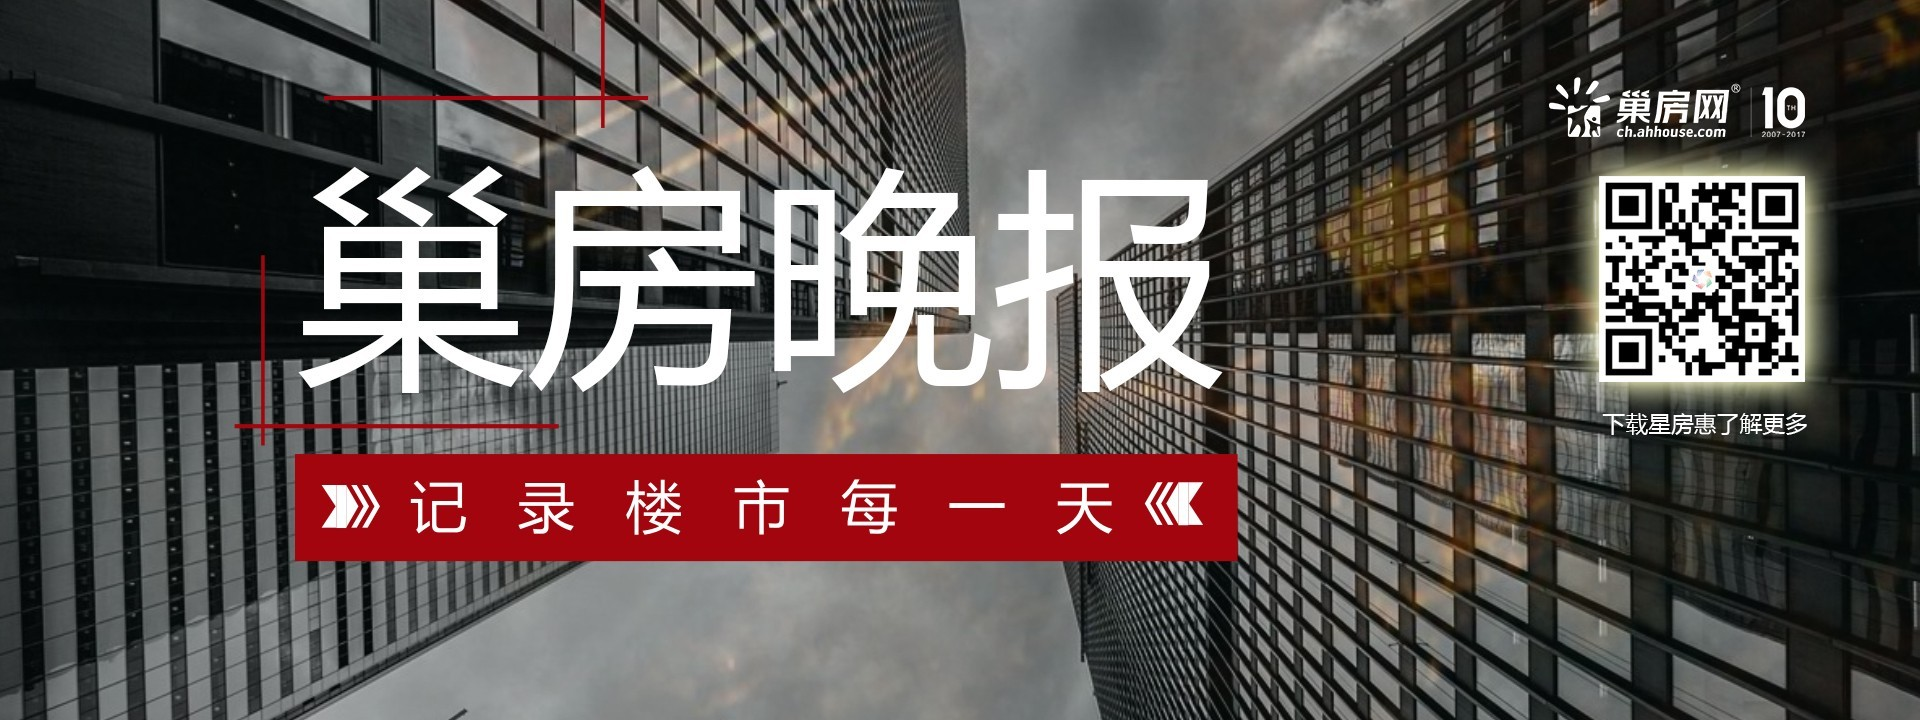 9月15日巢房网新闻晚报: 巢湖闸大桥主体拆除